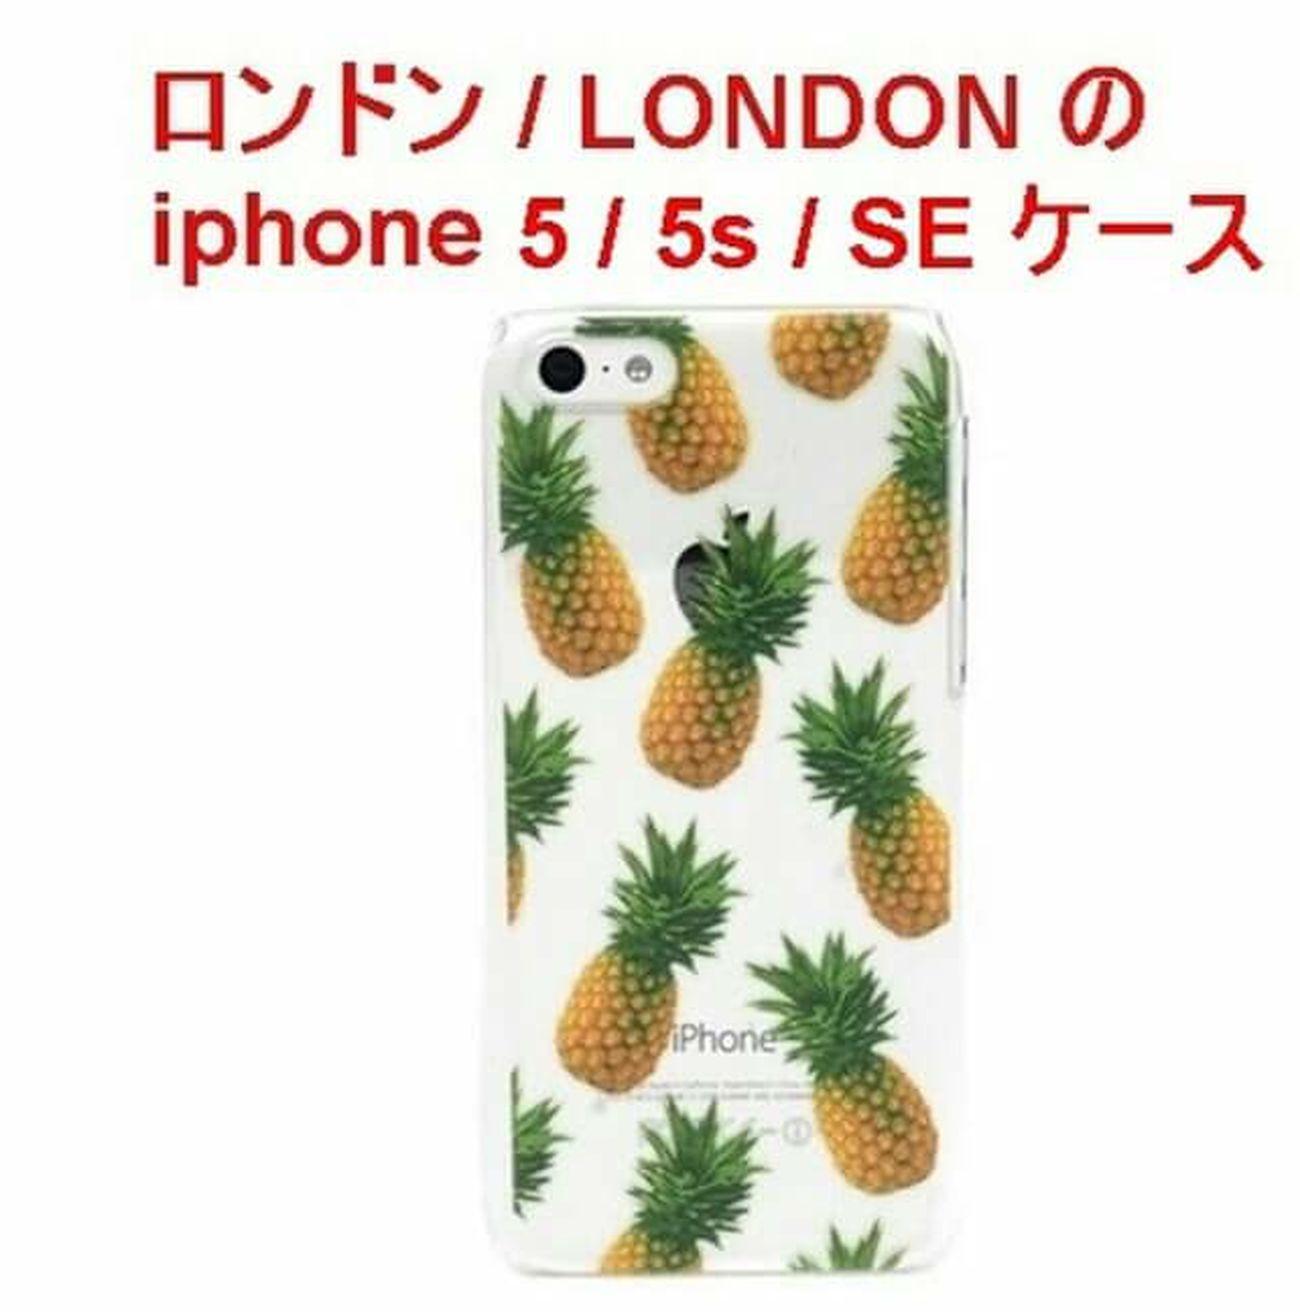 セレクトショップレトワールボーテ ファッション パイナップル アイフォンケース Iphonecase Iphonese